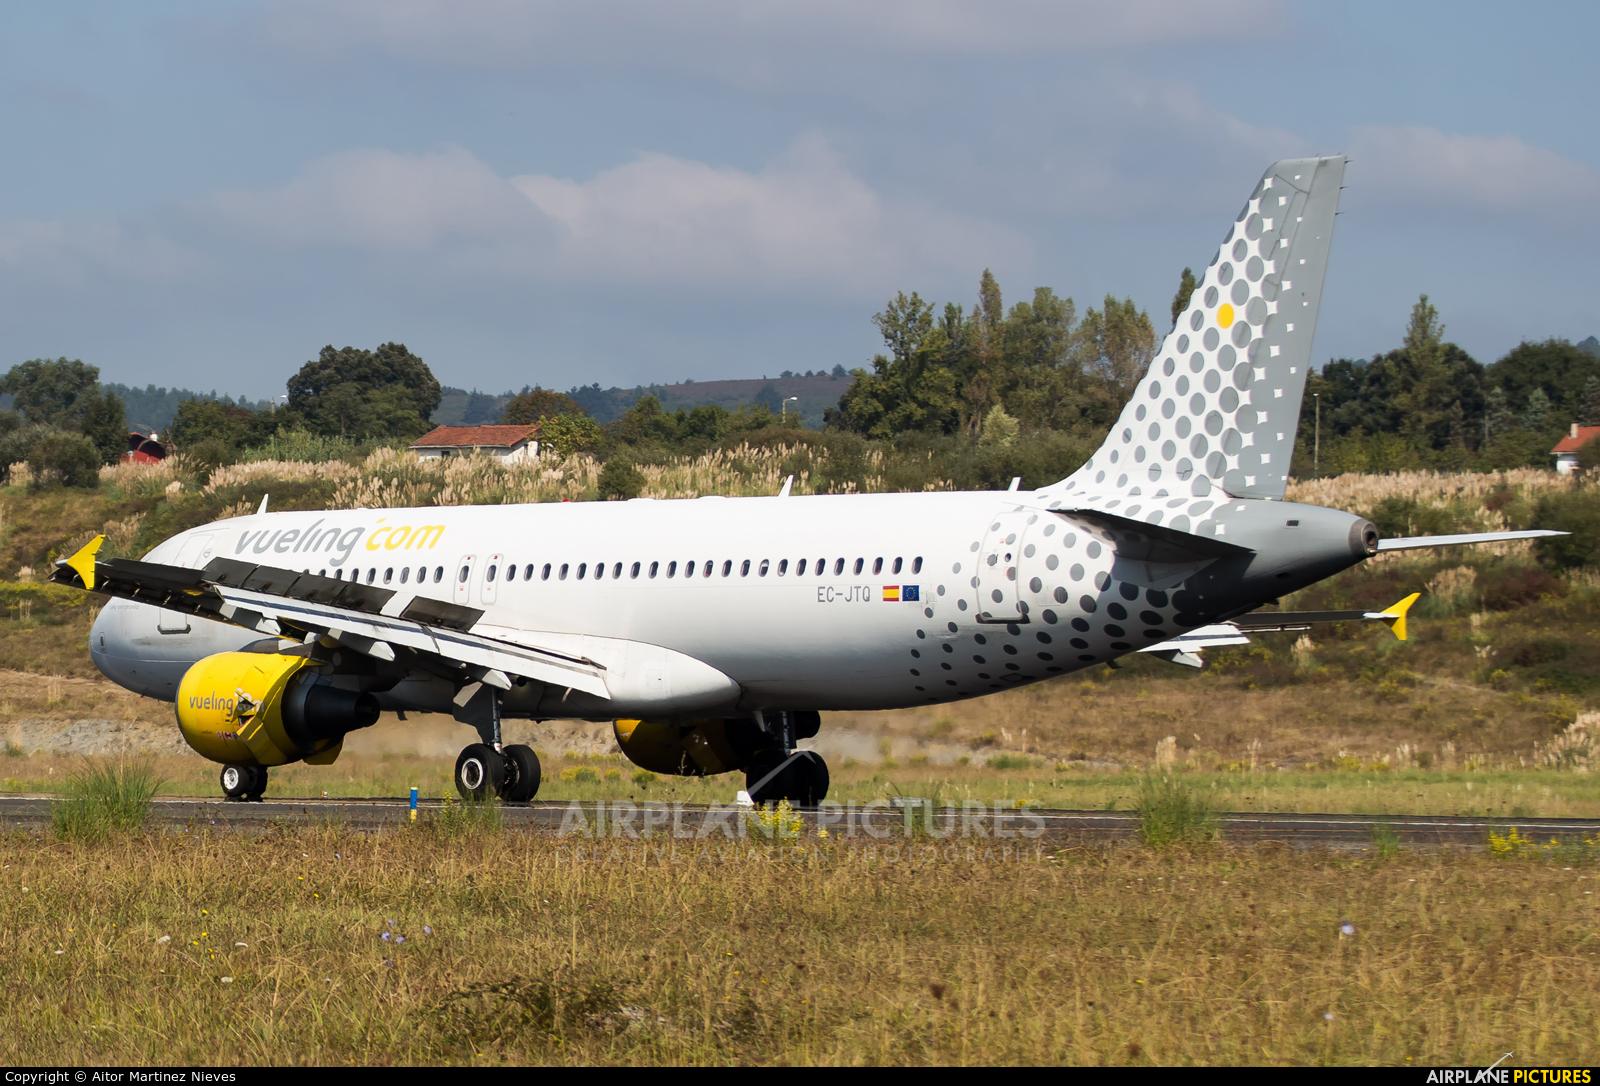 Vueling Airlines EC-JTQ aircraft at Bilbao